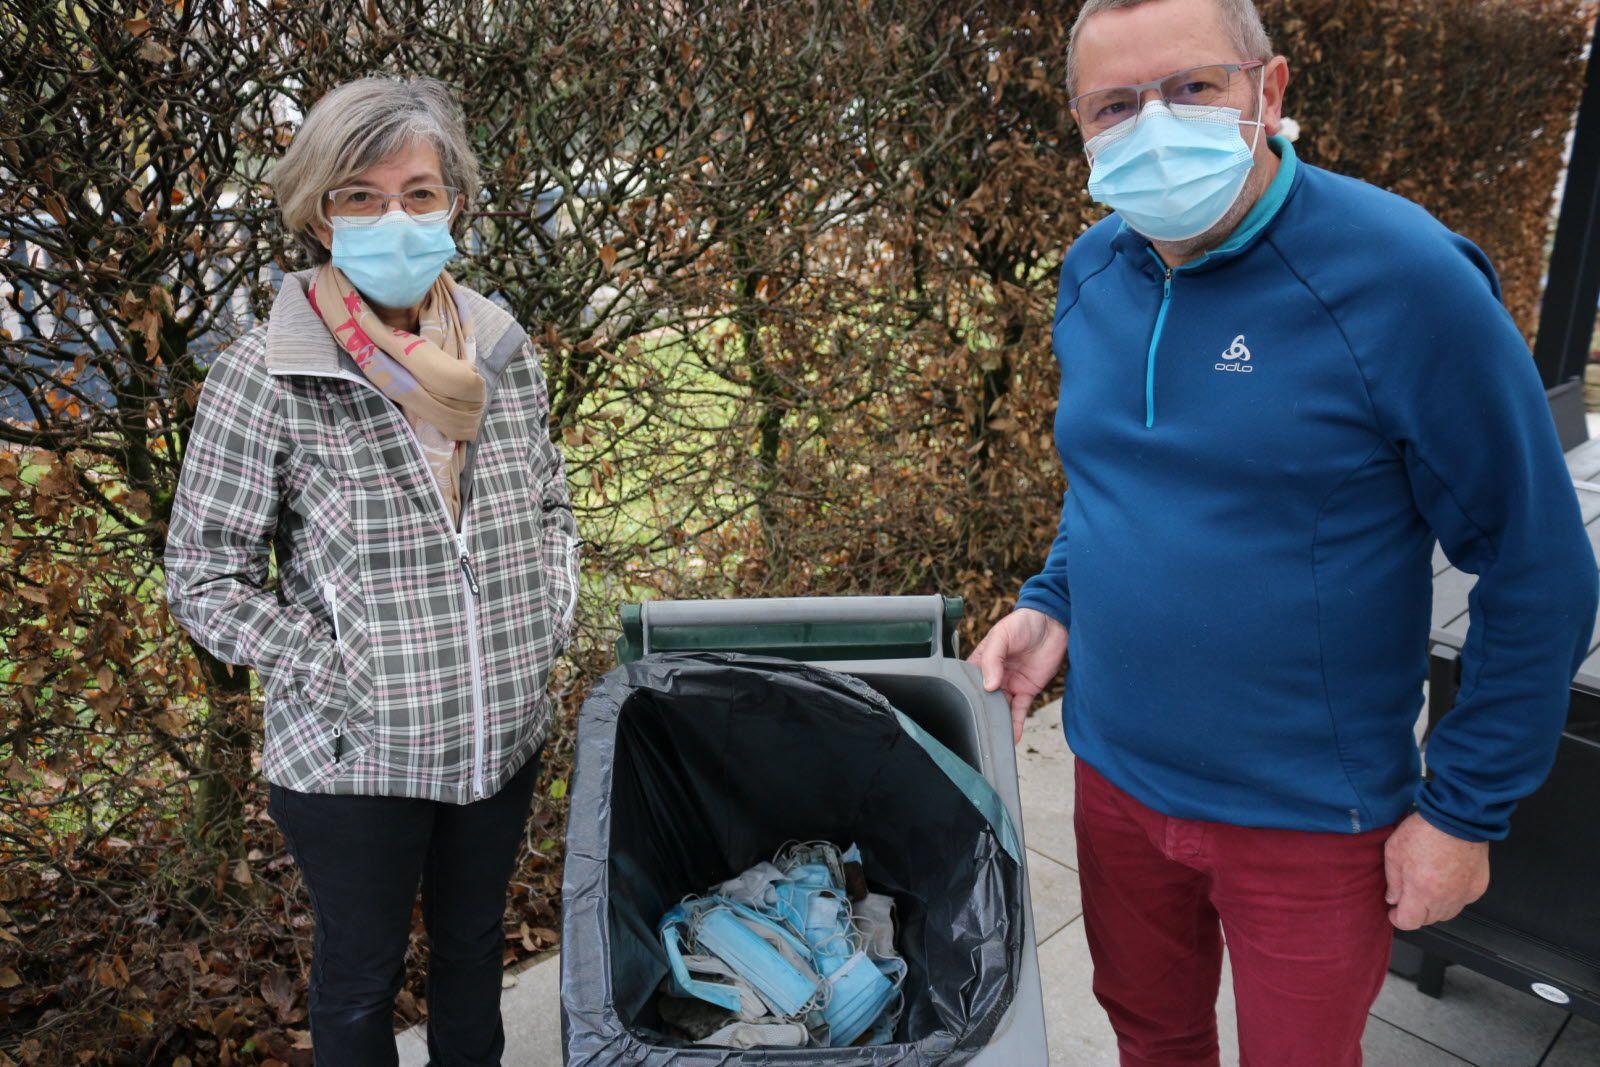 Anne et Pascal Vierheller passionnés de marche qui ont voulu joindre l'utile à l'agréable en alertant l'opinion publique  Photo ER